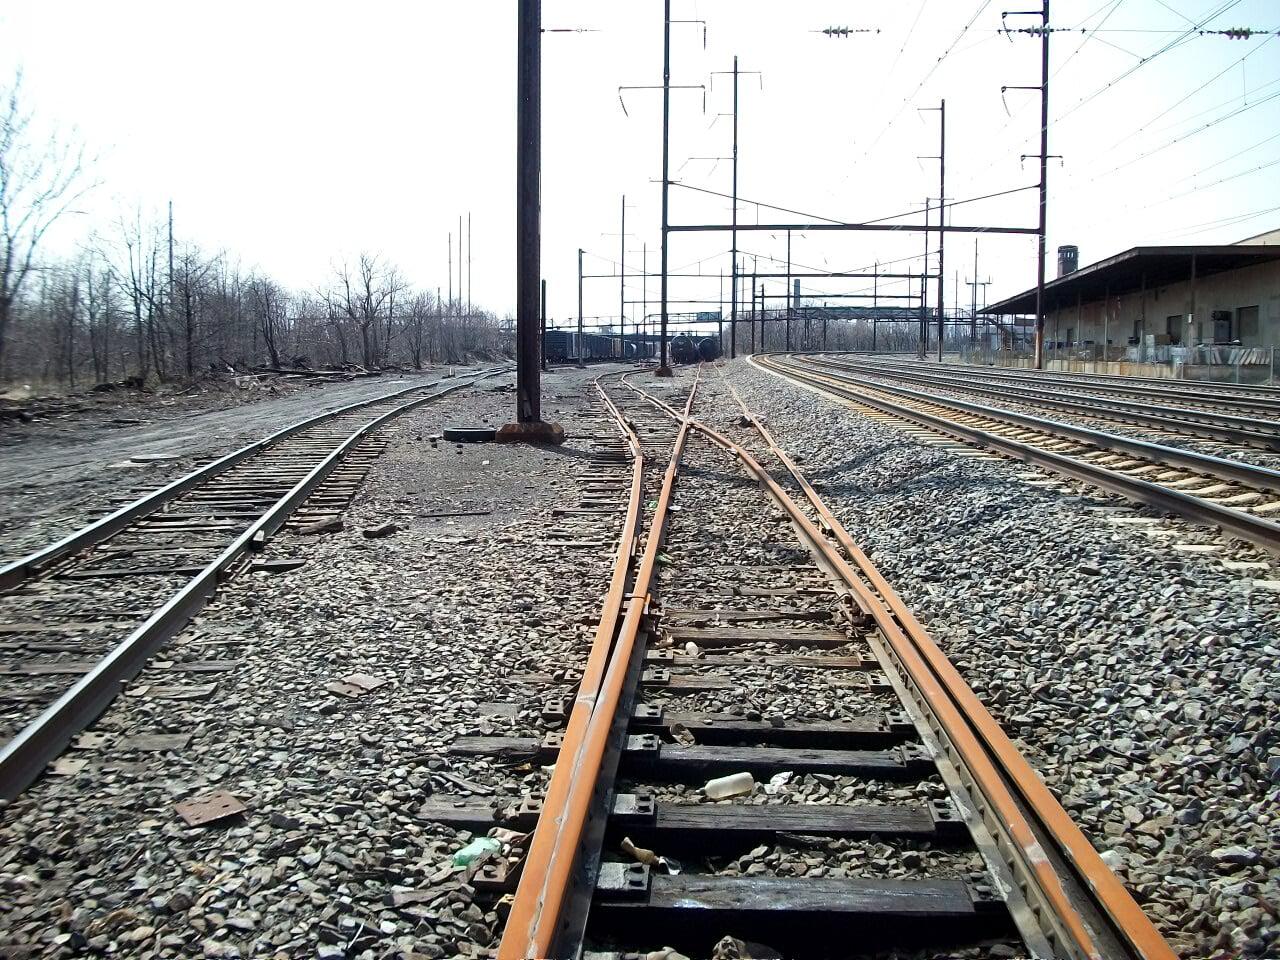 traintrackspoem